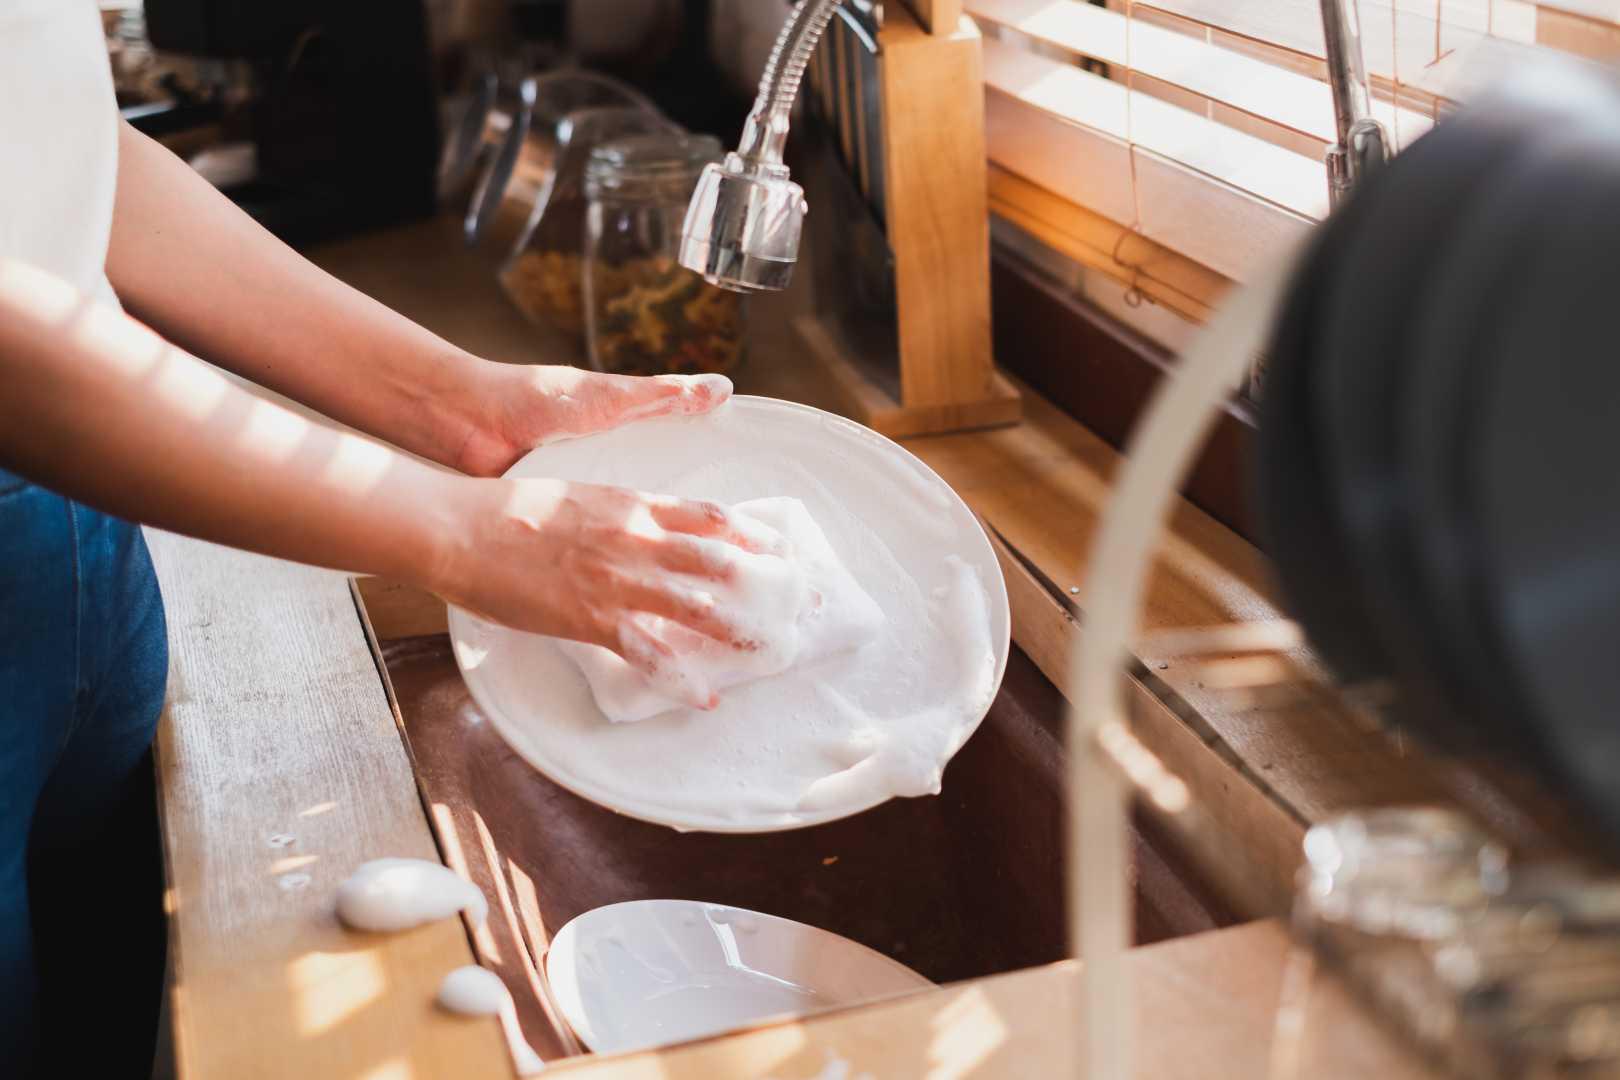 Afwas doen